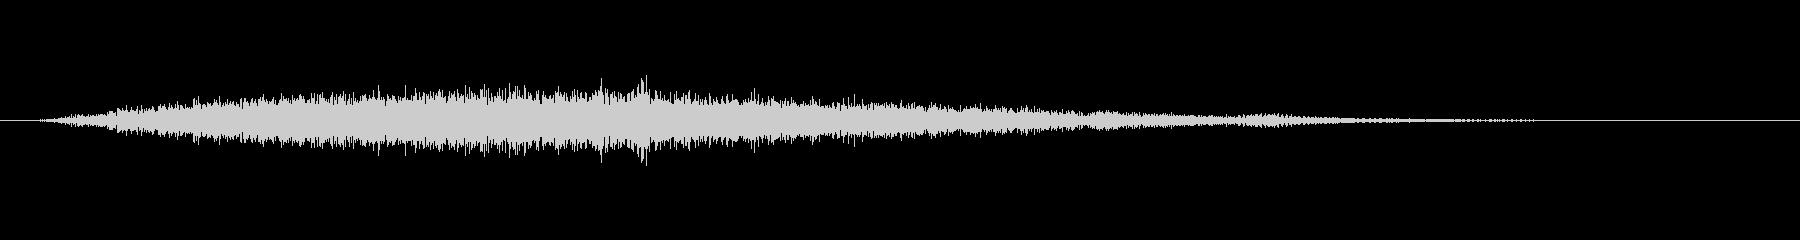 アクセント:音楽ノート、スペース、...の未再生の波形